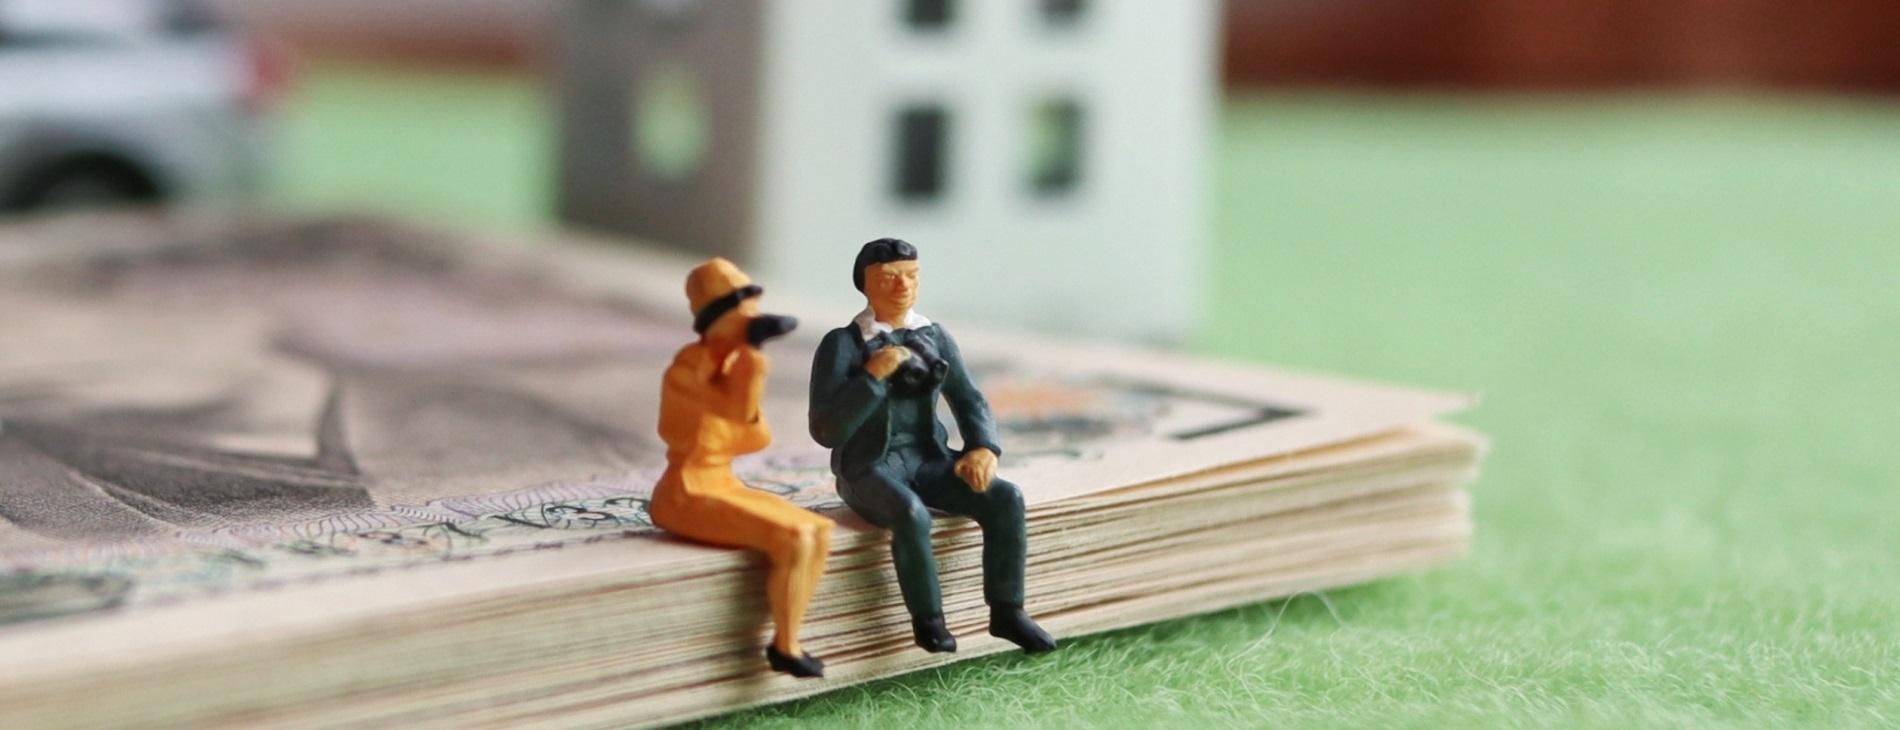 30代夫婦に必要な「お金の知識」